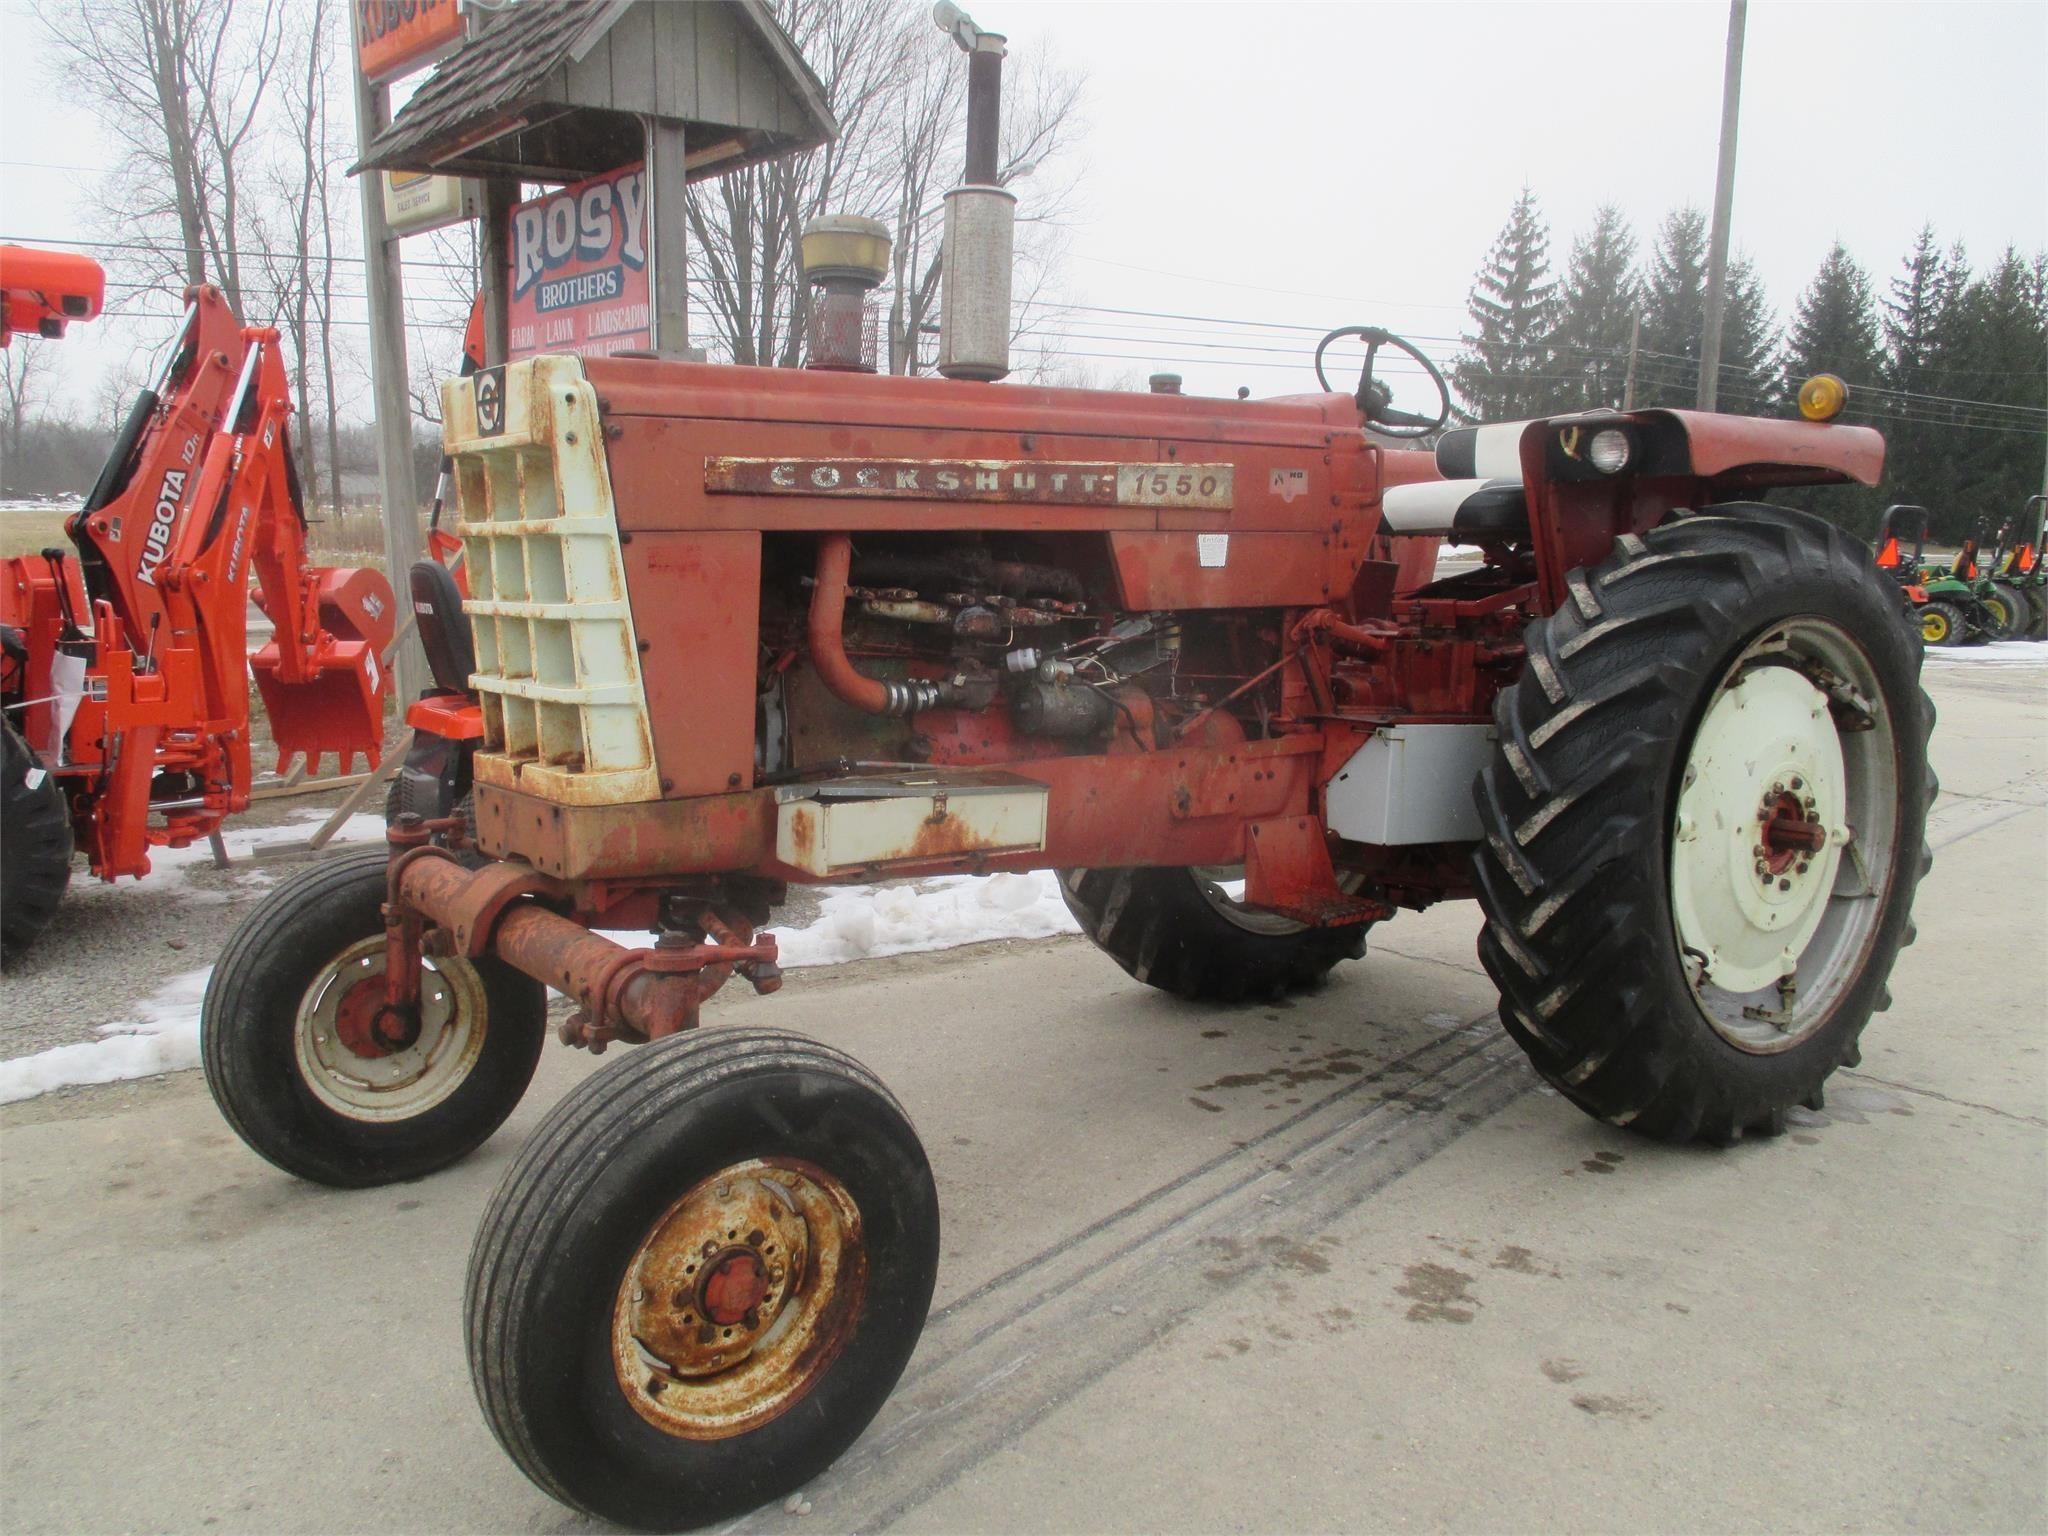 Cockshutt 1550 Tractor